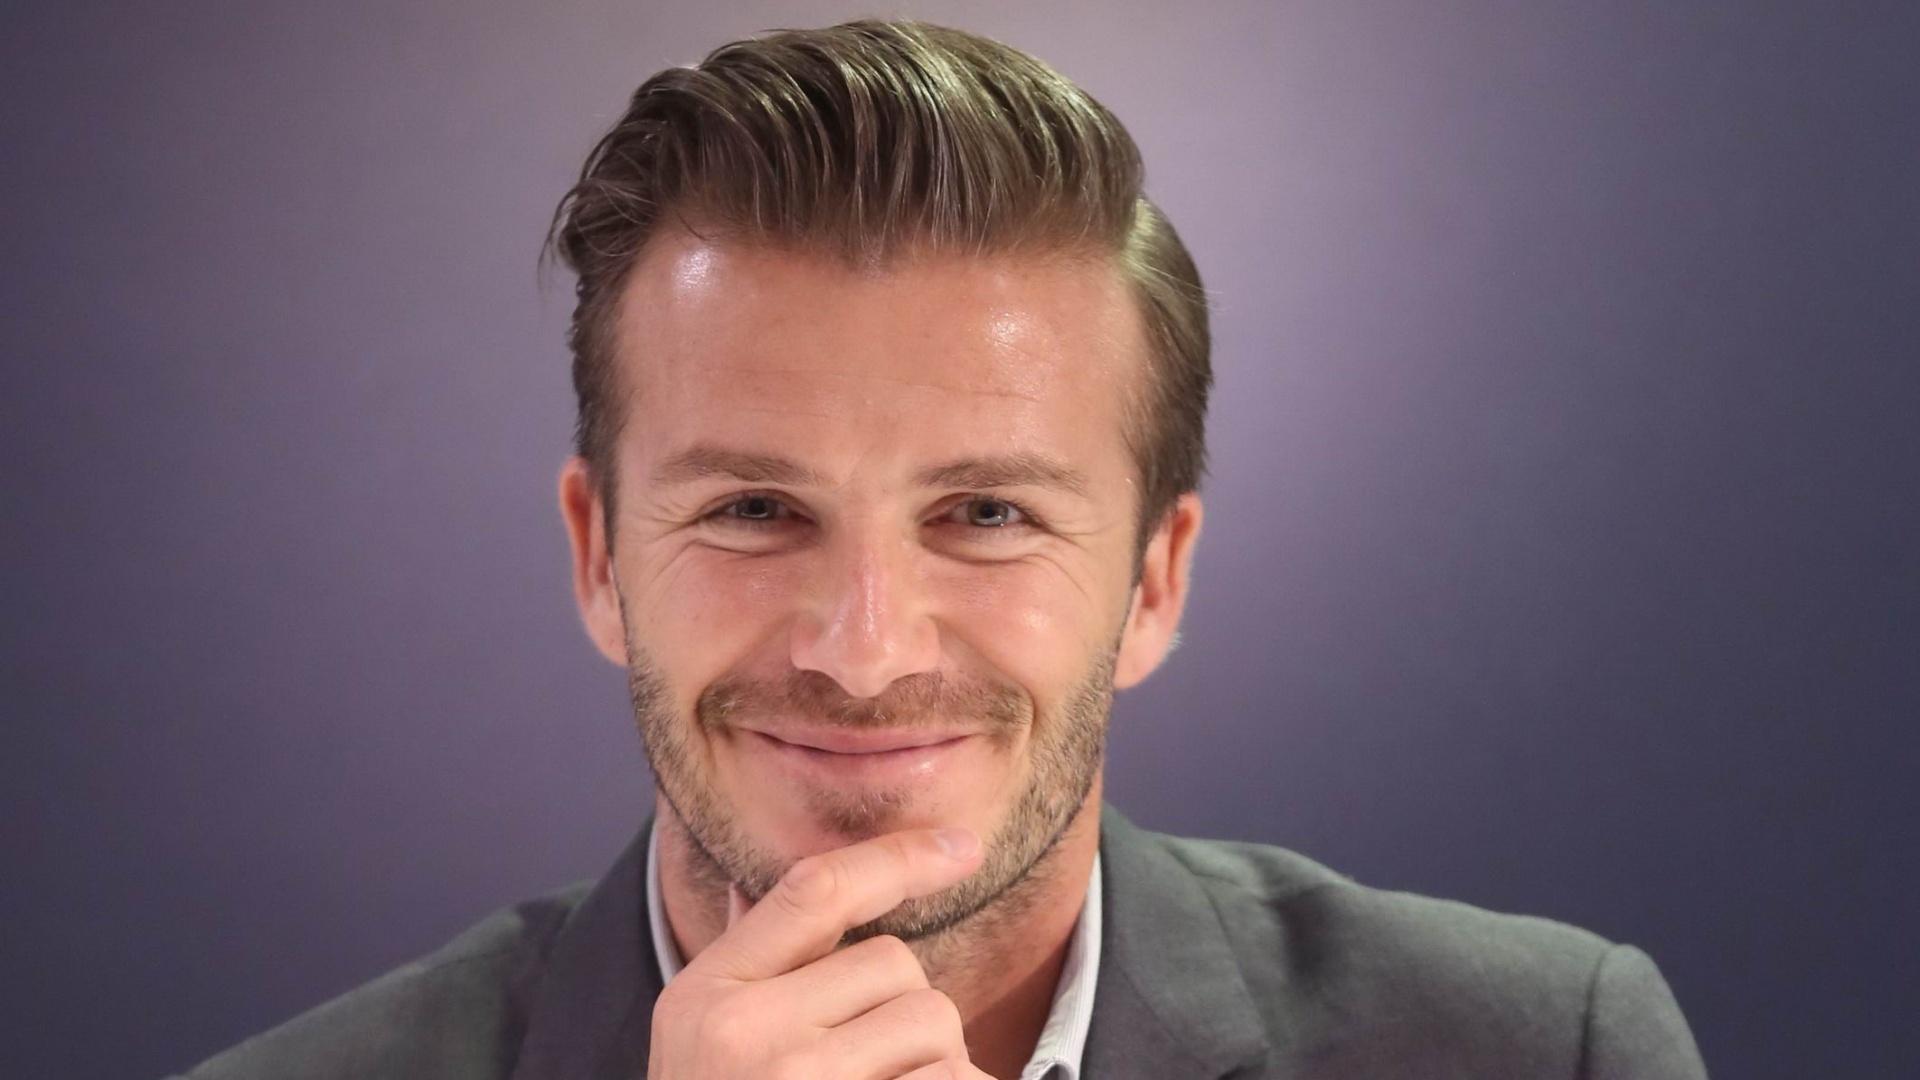 David Beckham ganhou mais do que US$ 26, 5 milhões em seu último ano como jogador de futebol